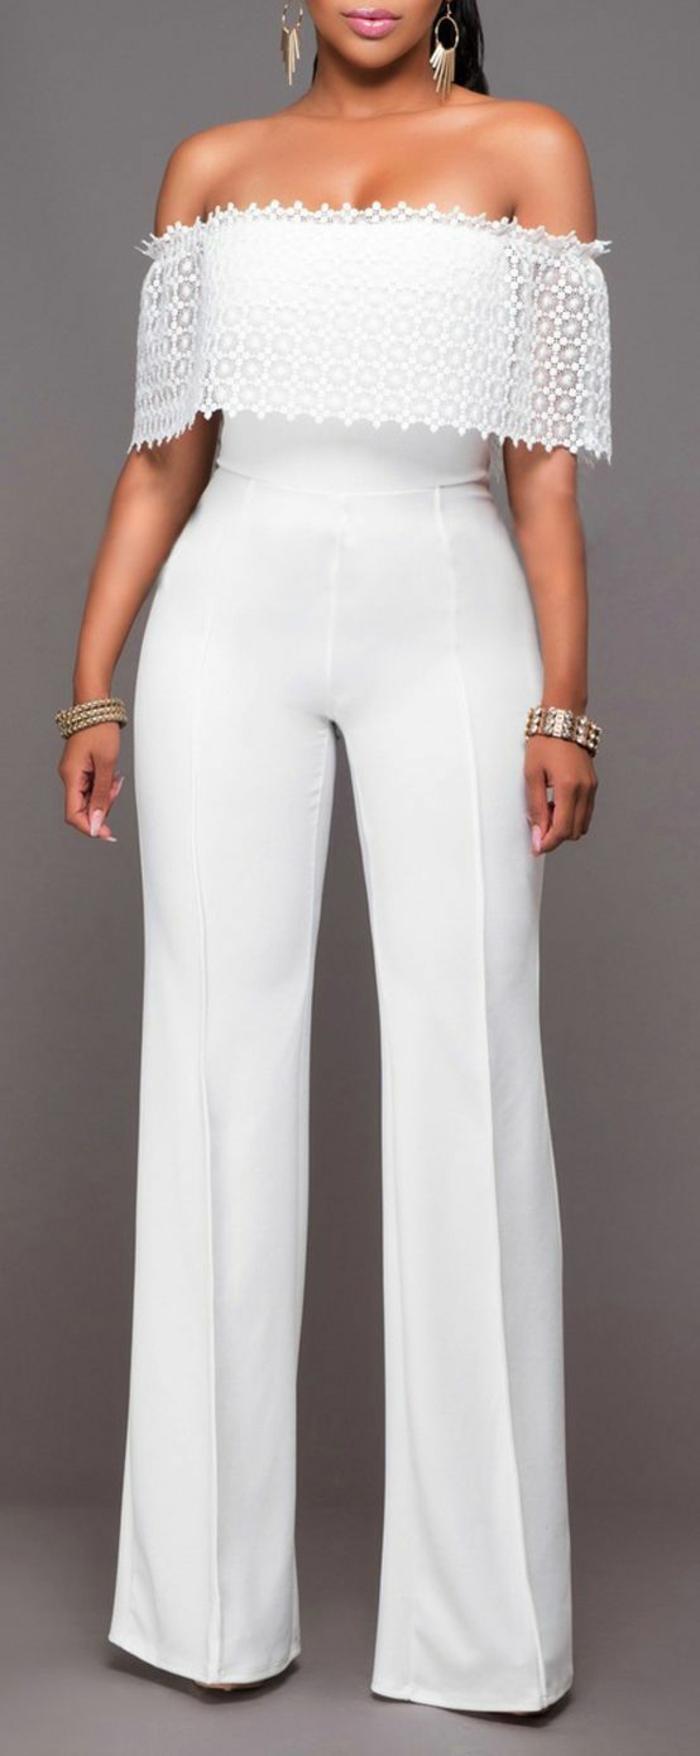 combishort mariage blanc, tailleur pantalon femme chic pour mariage, épaules dénudées, tenue ceremonie femme, col bateau en dentelle blanche raffinée